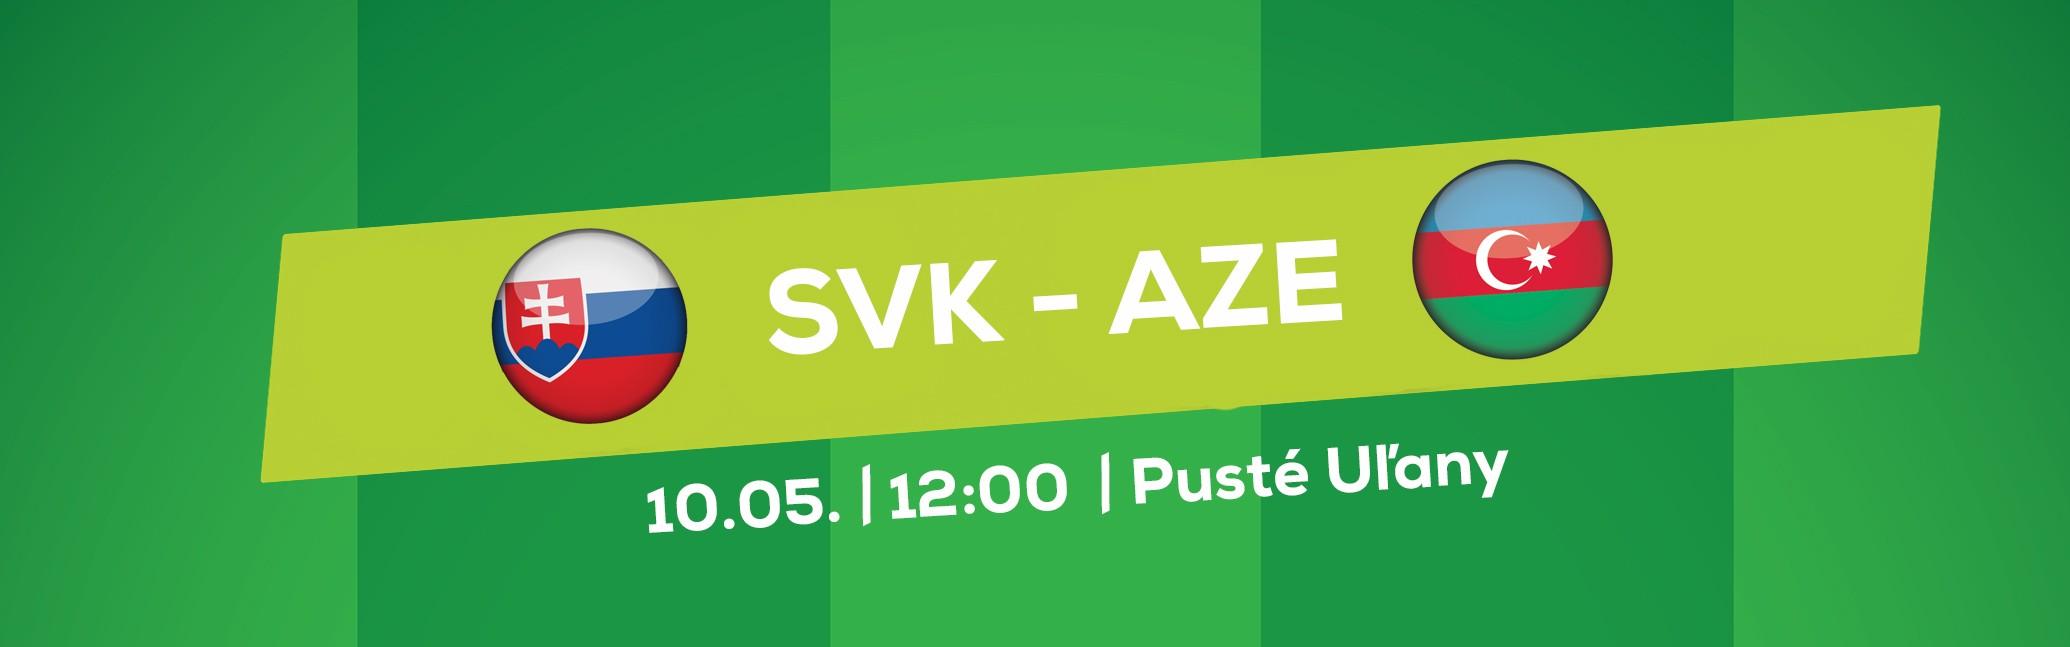 LIVE: SLOVAKIA CUP 2018: 10.5. 2018, 12:00 SLOVENSKO U18 – AZERBAJDŽAN U18 (PUSTÉ ÚĽANY)